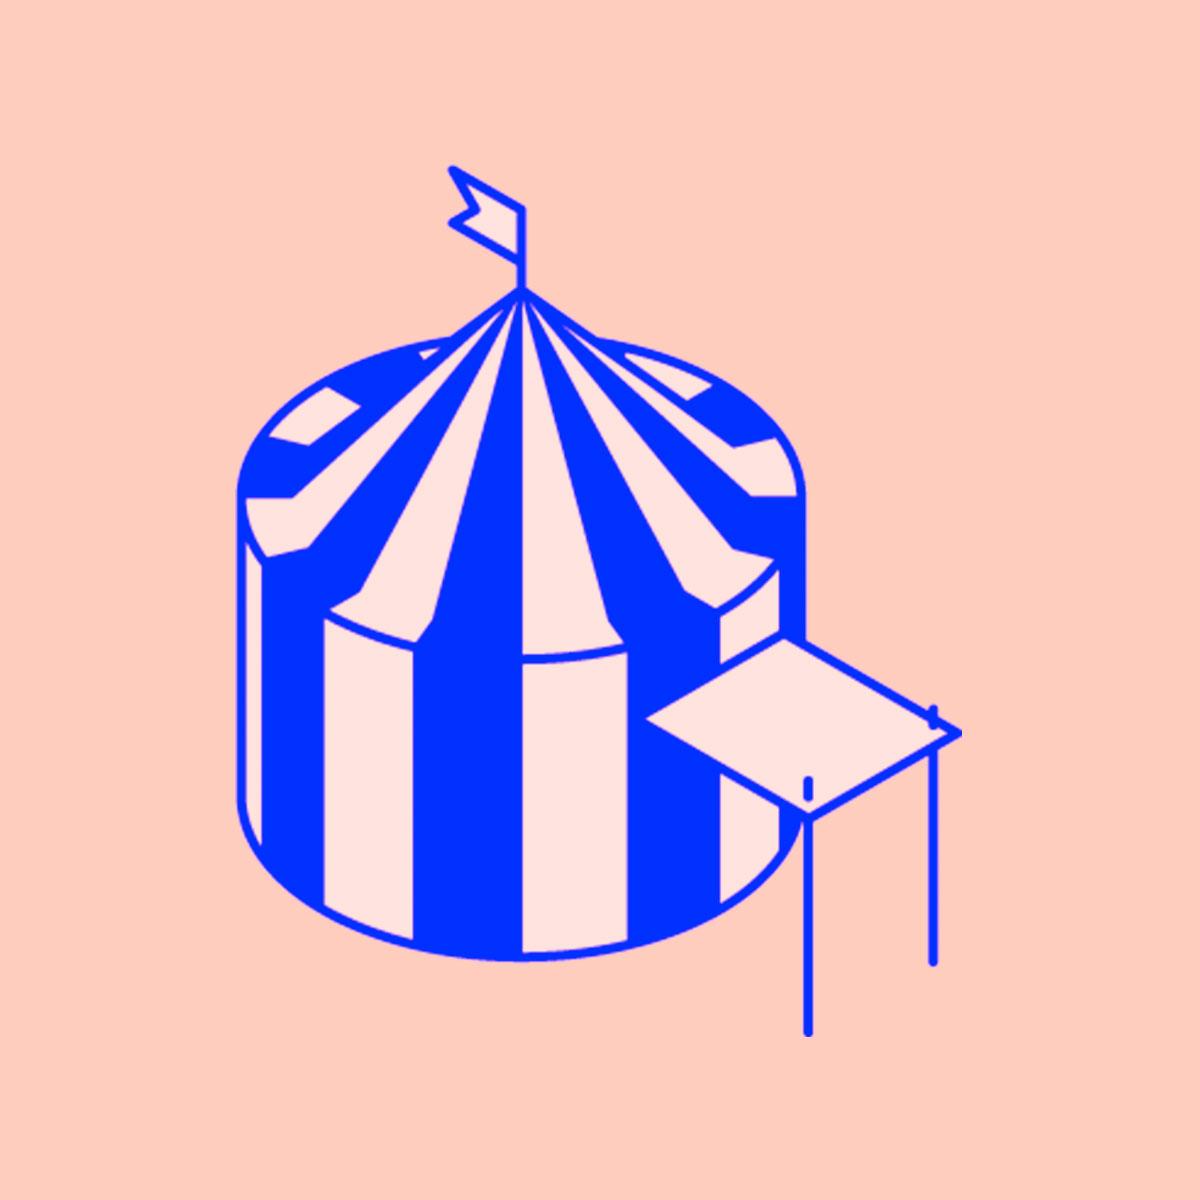 Piirretty sirkusteltta